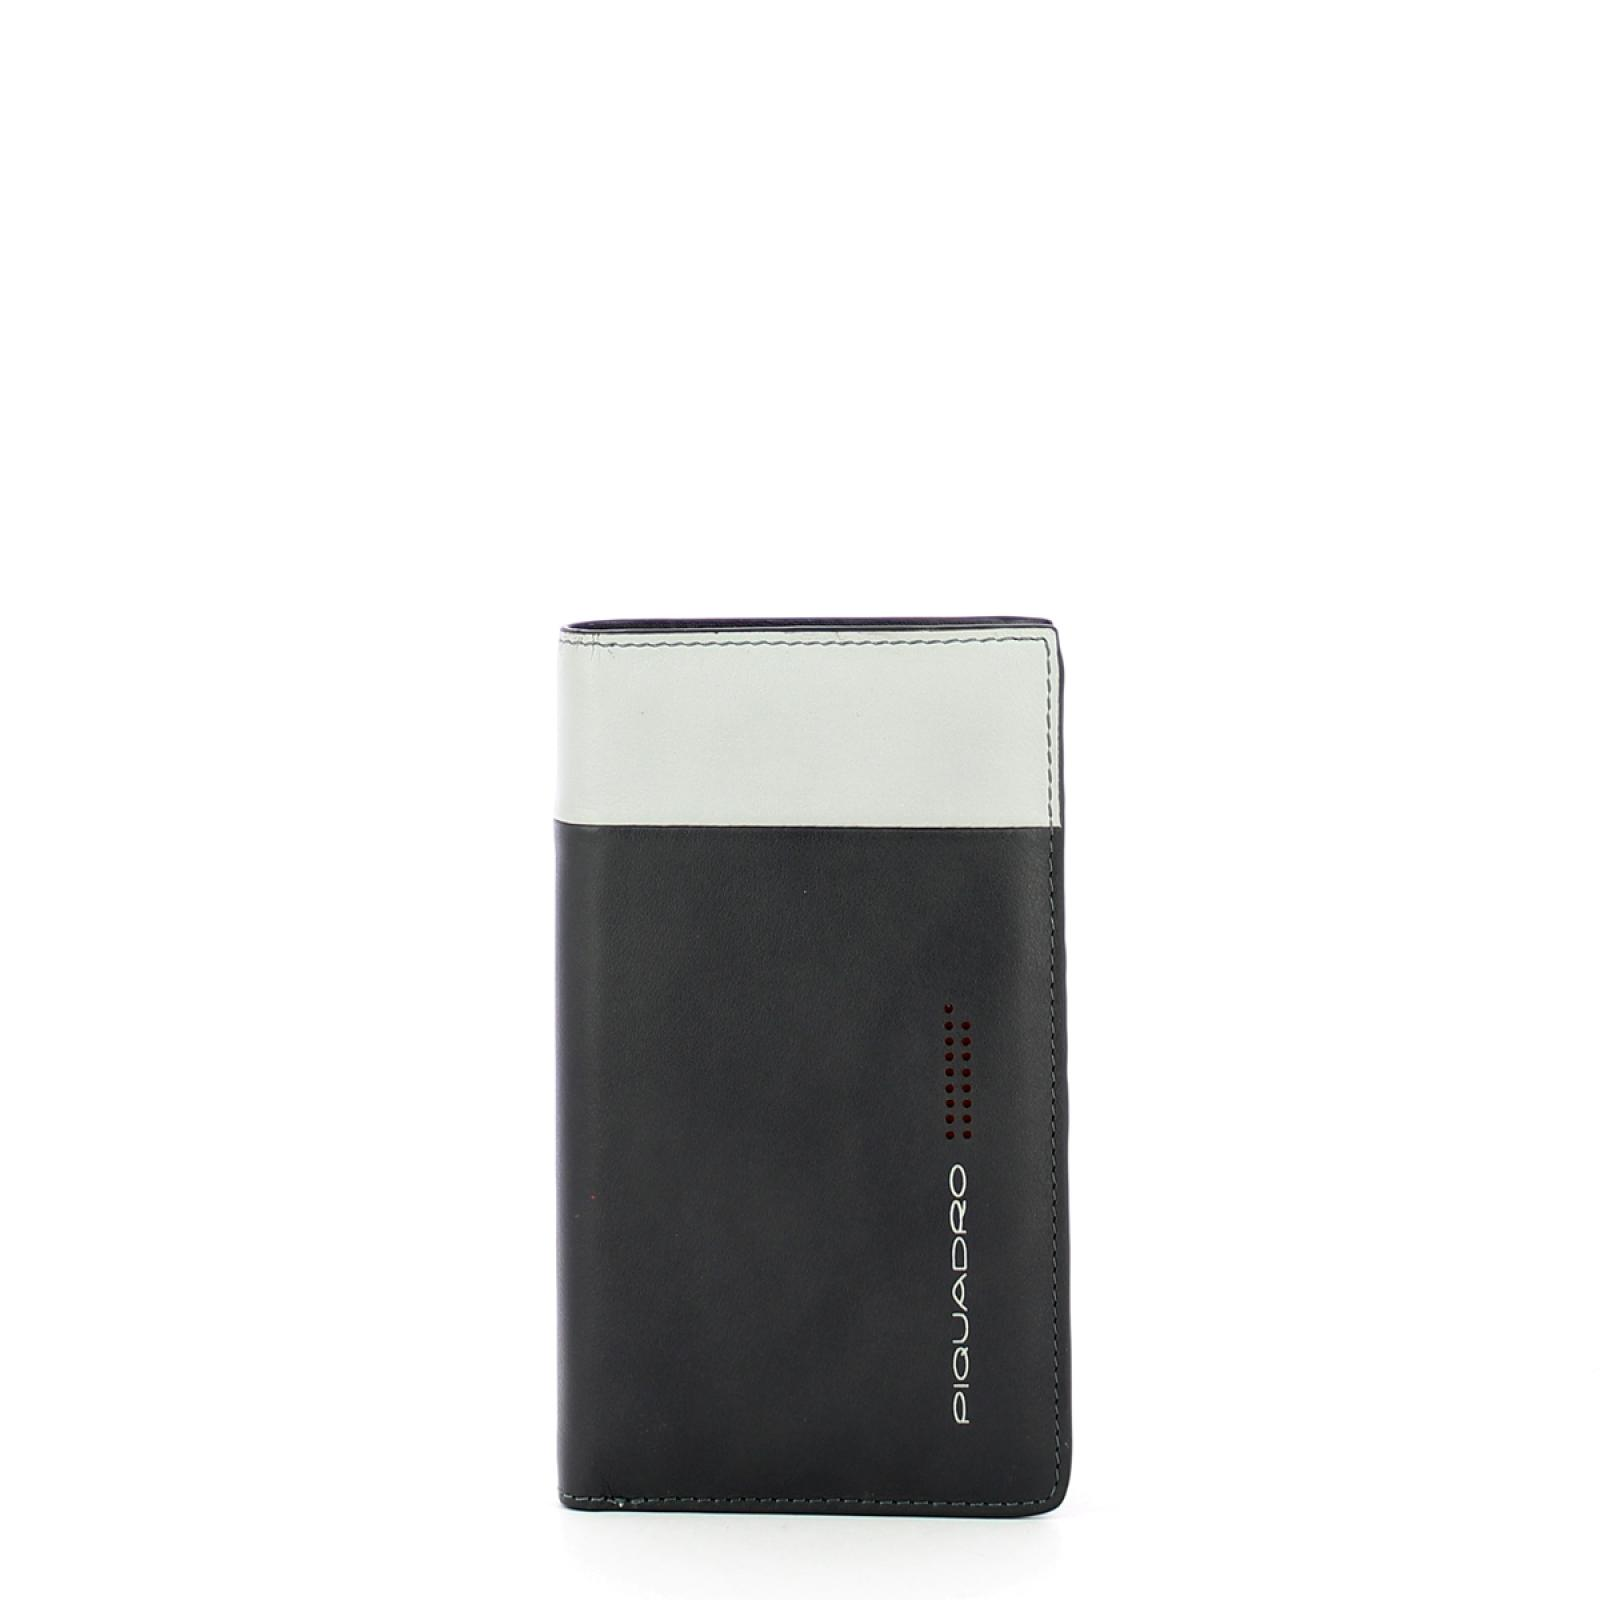 Piquadro Portafoglio e custodia per iPhone®XS Urban - 1